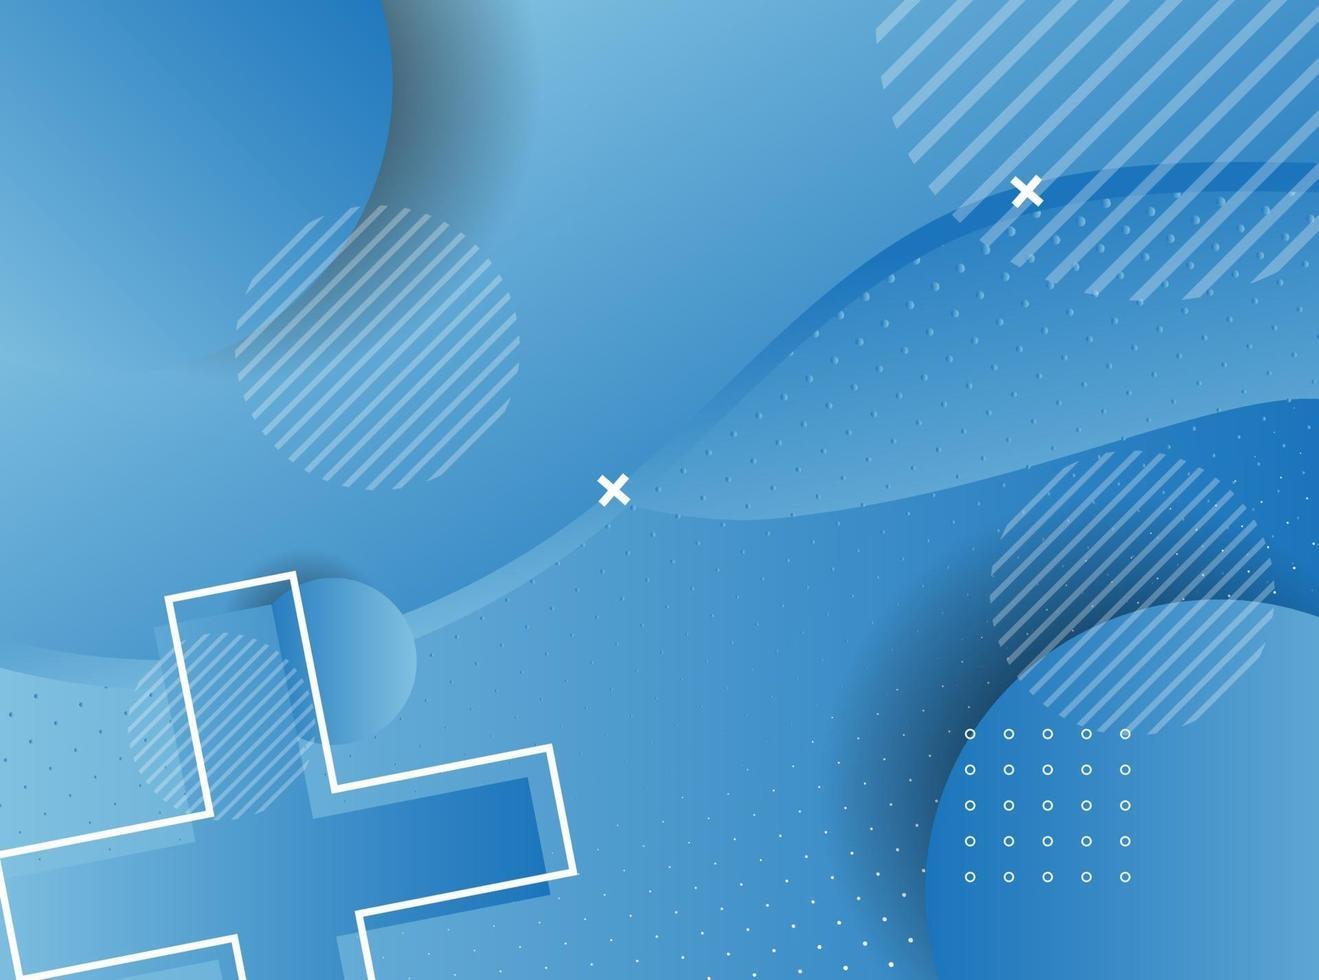 sfondo geometrico blu. composizione di forme geometriche fluide. vettore